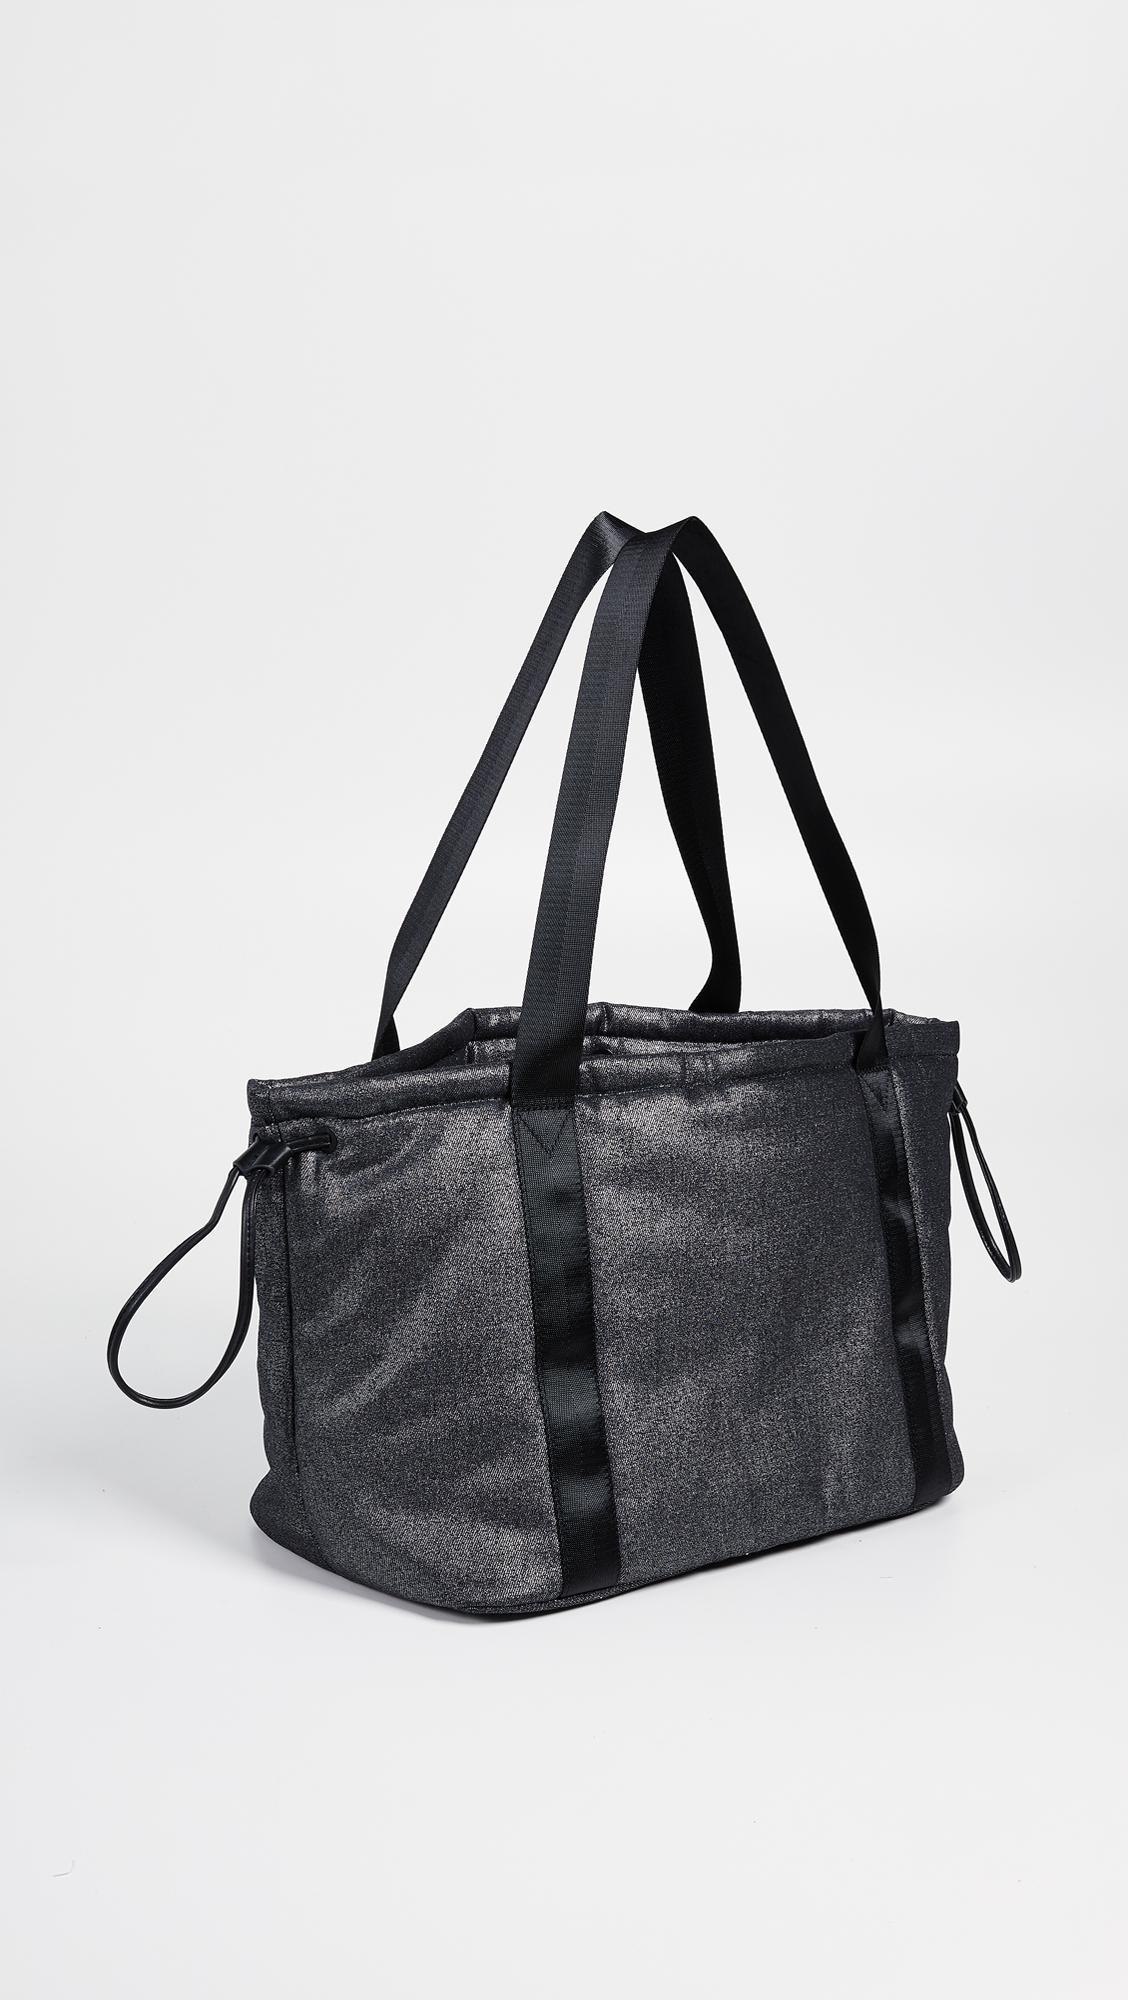 Kendall + Kylie Blake Tote Bag in Black Metallic (Black)